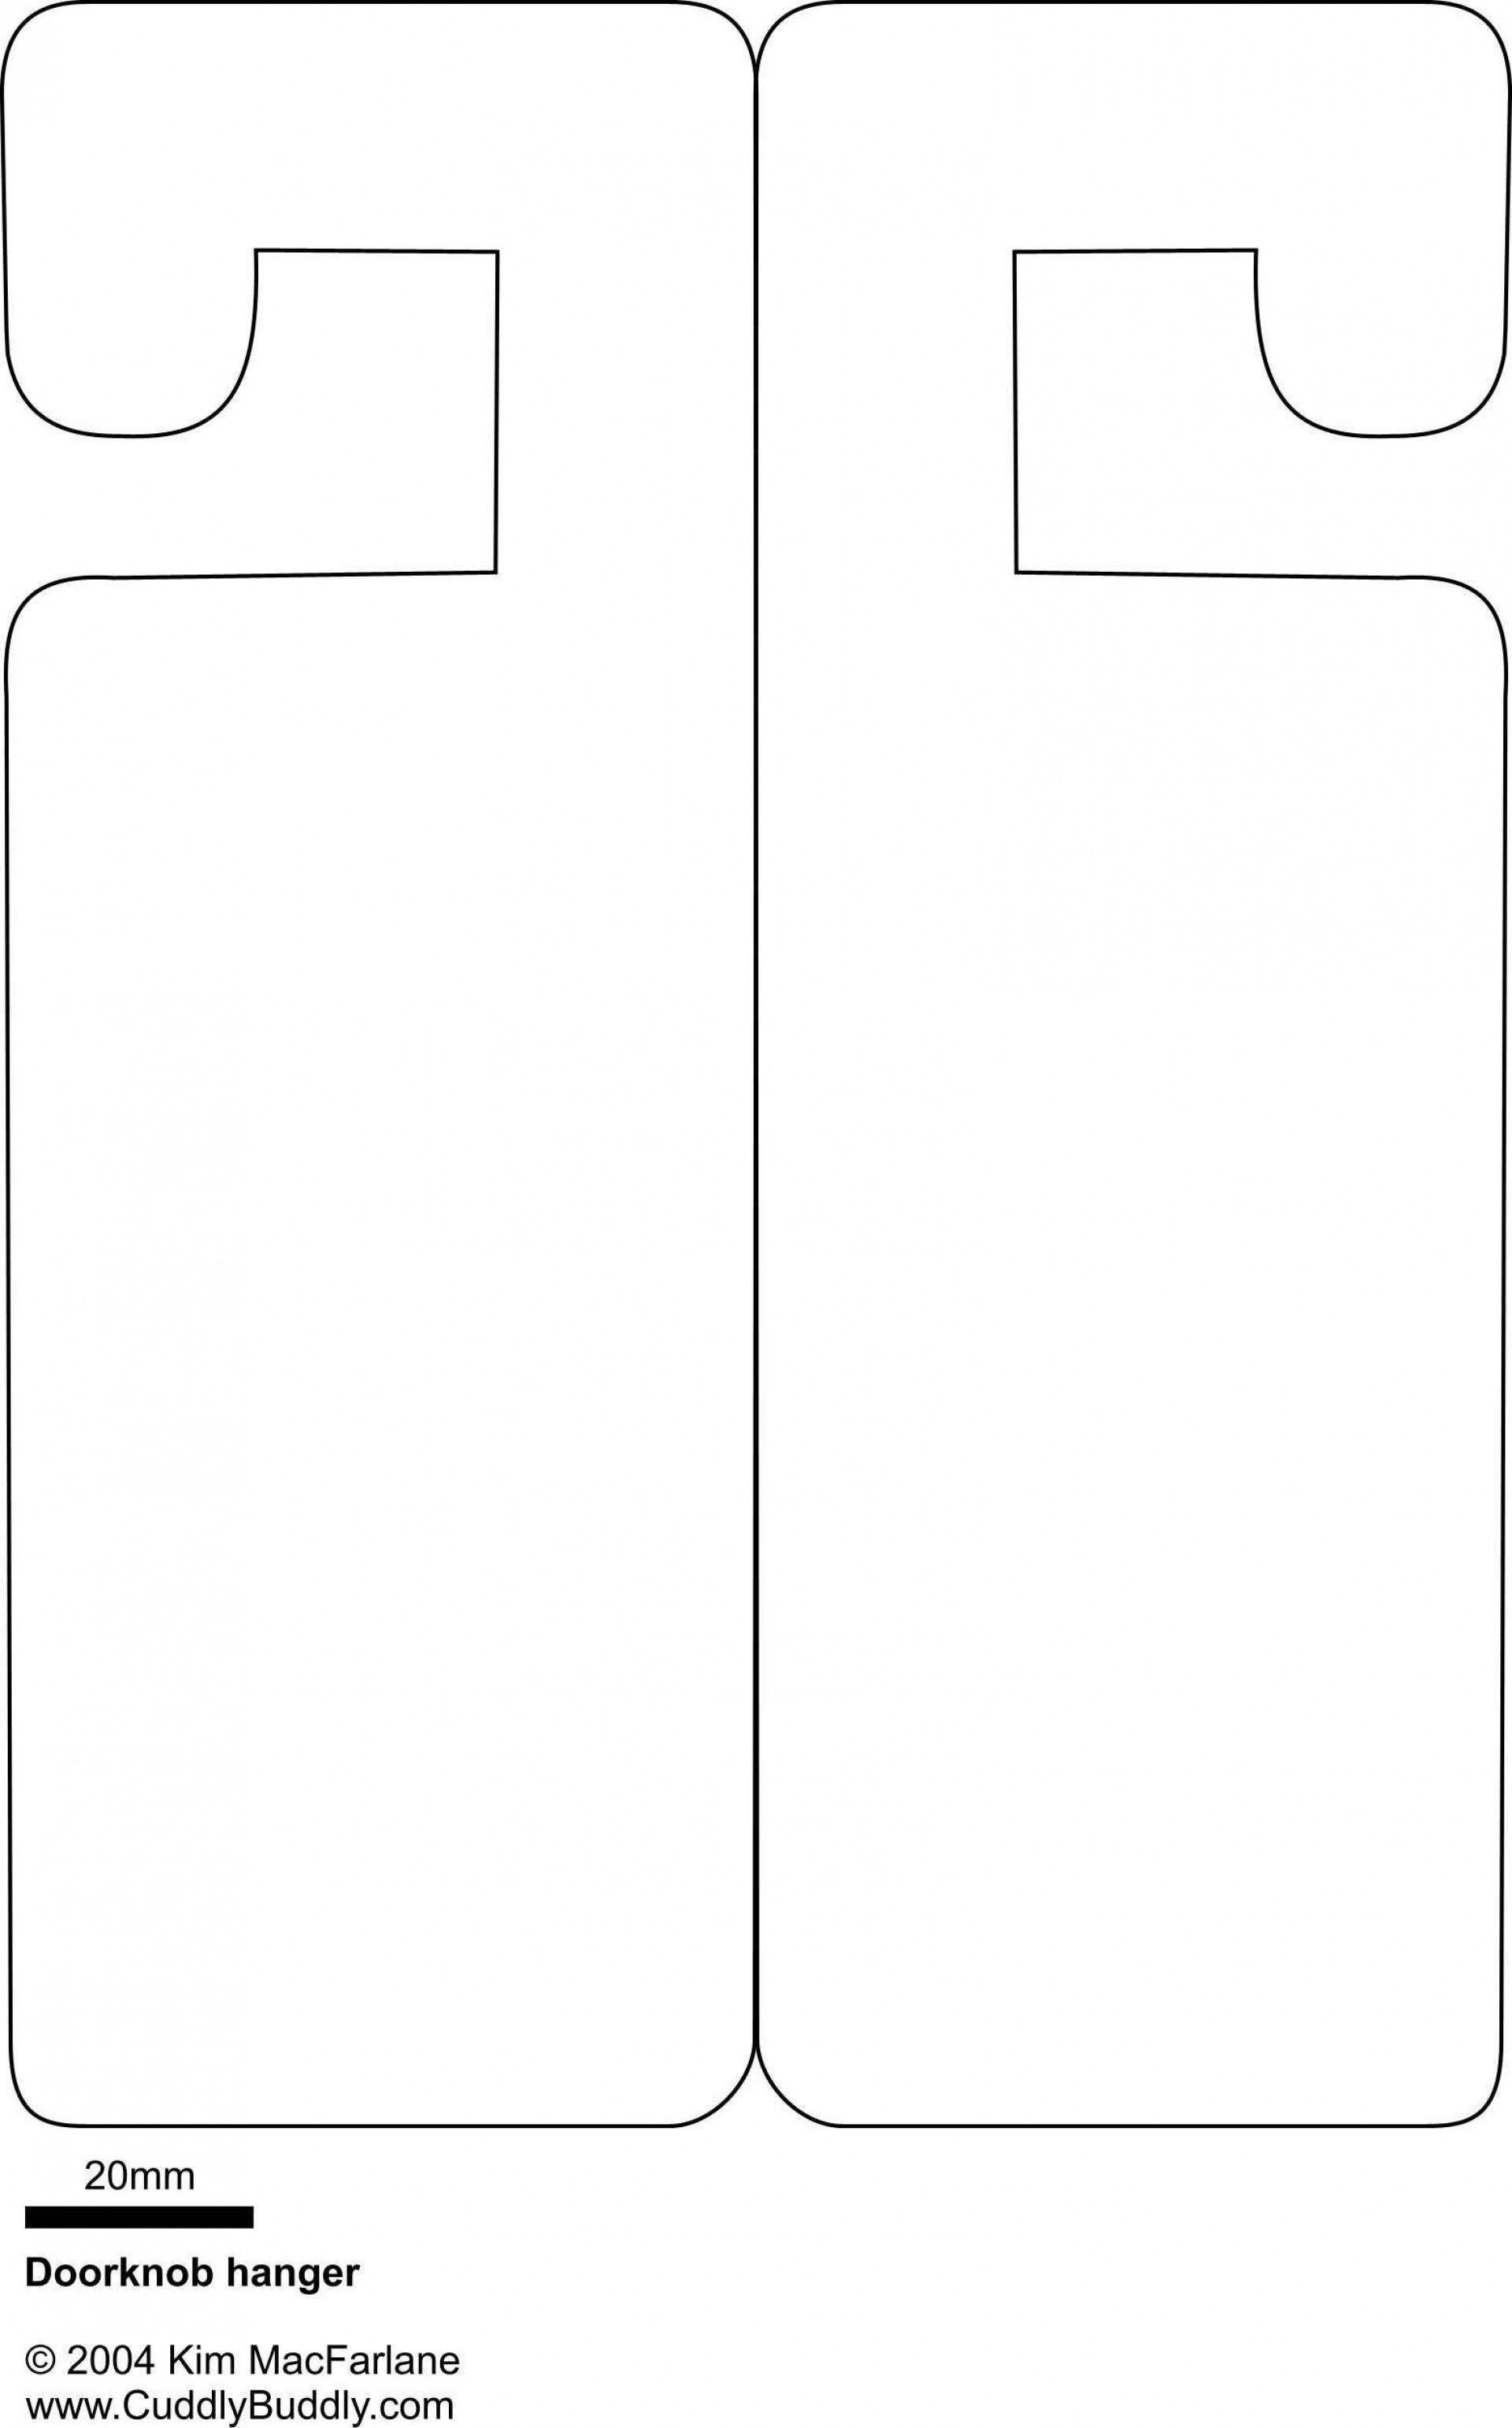 000 Best Door Hanger Template Word High Def  Download Free Blank For Microsoft1920